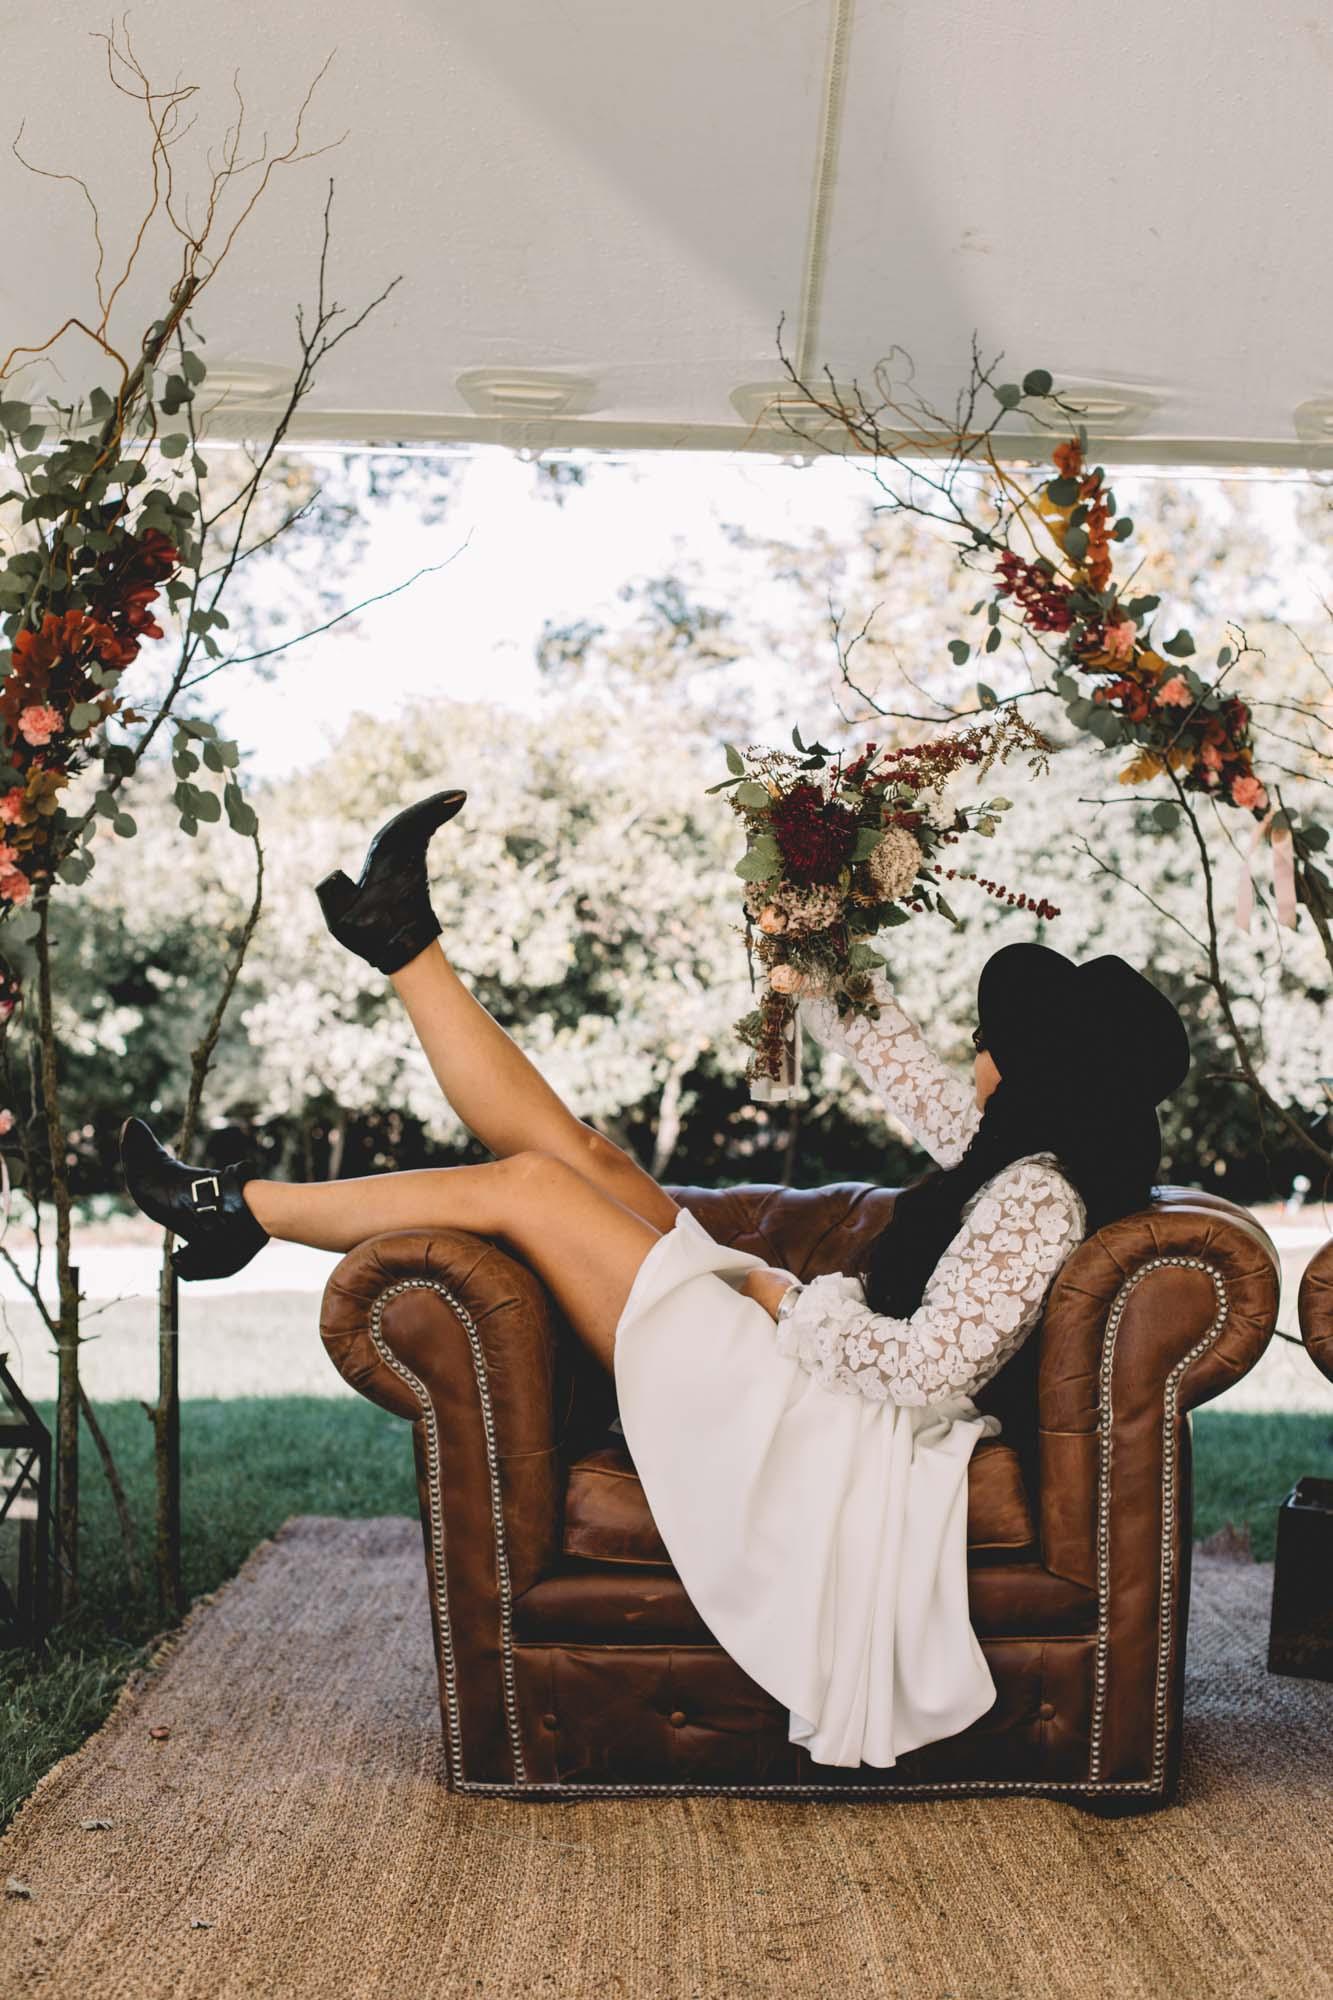 FESTIVAL_MARIAGE_TOULOUSE_PHOTOGRAPHE_MARIAGE_LES BANDITS-1